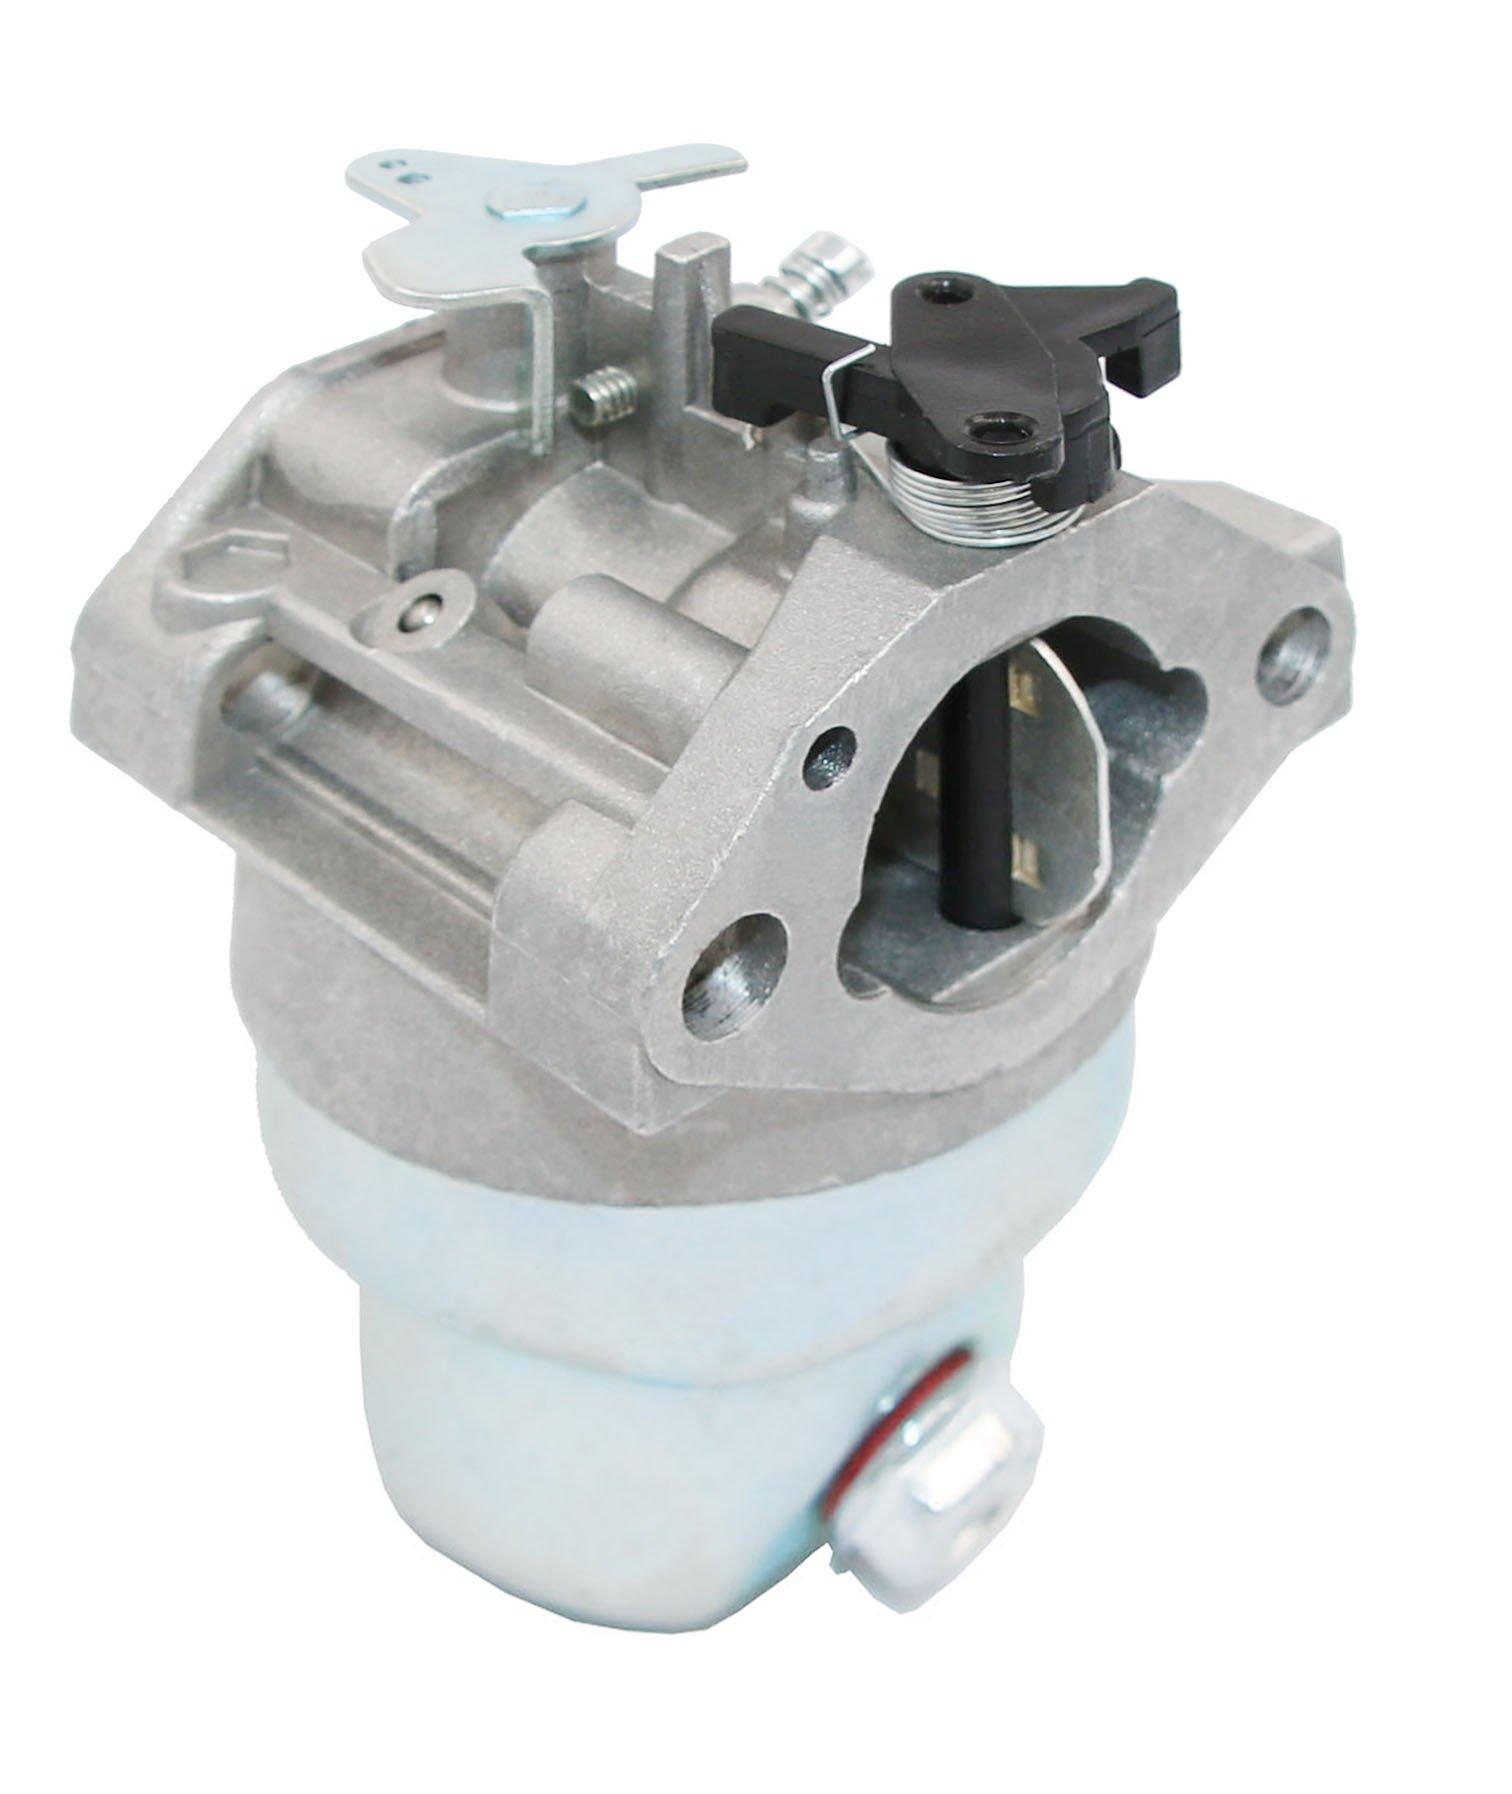 GCV160 Carburetor for Honda HRT216 HRR216 GCV160a HRS216 - Honda GCV160 Carburetor by HOOAI (Image #8)